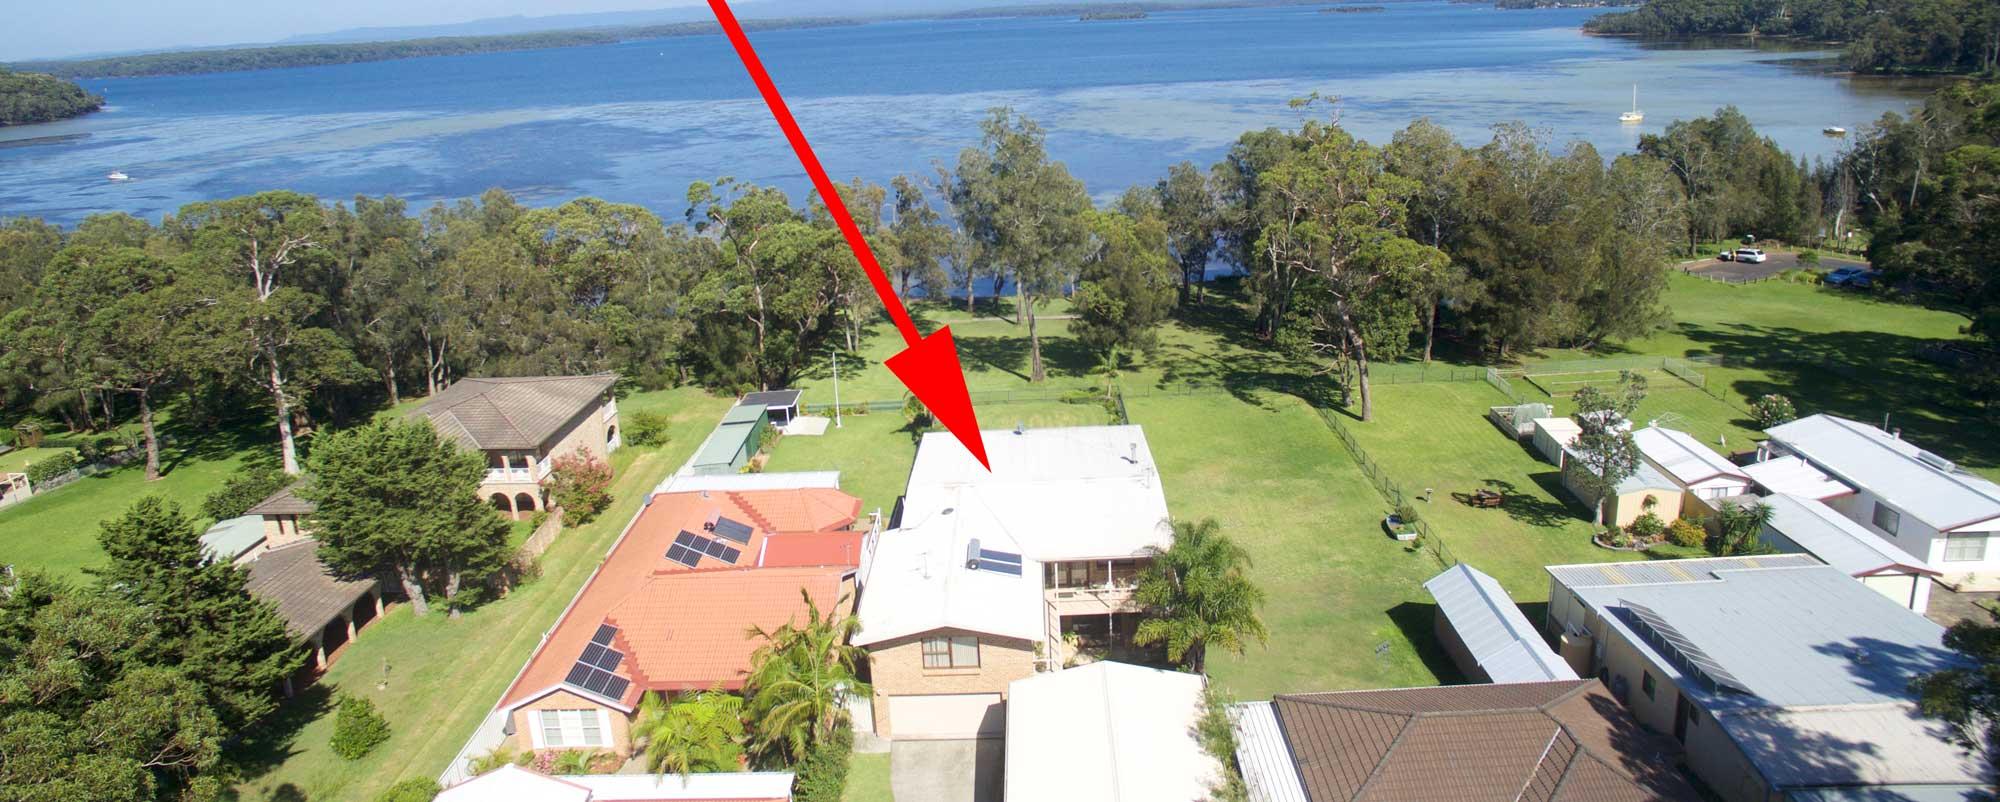 paradise-beach-apartments-aerial-view-2